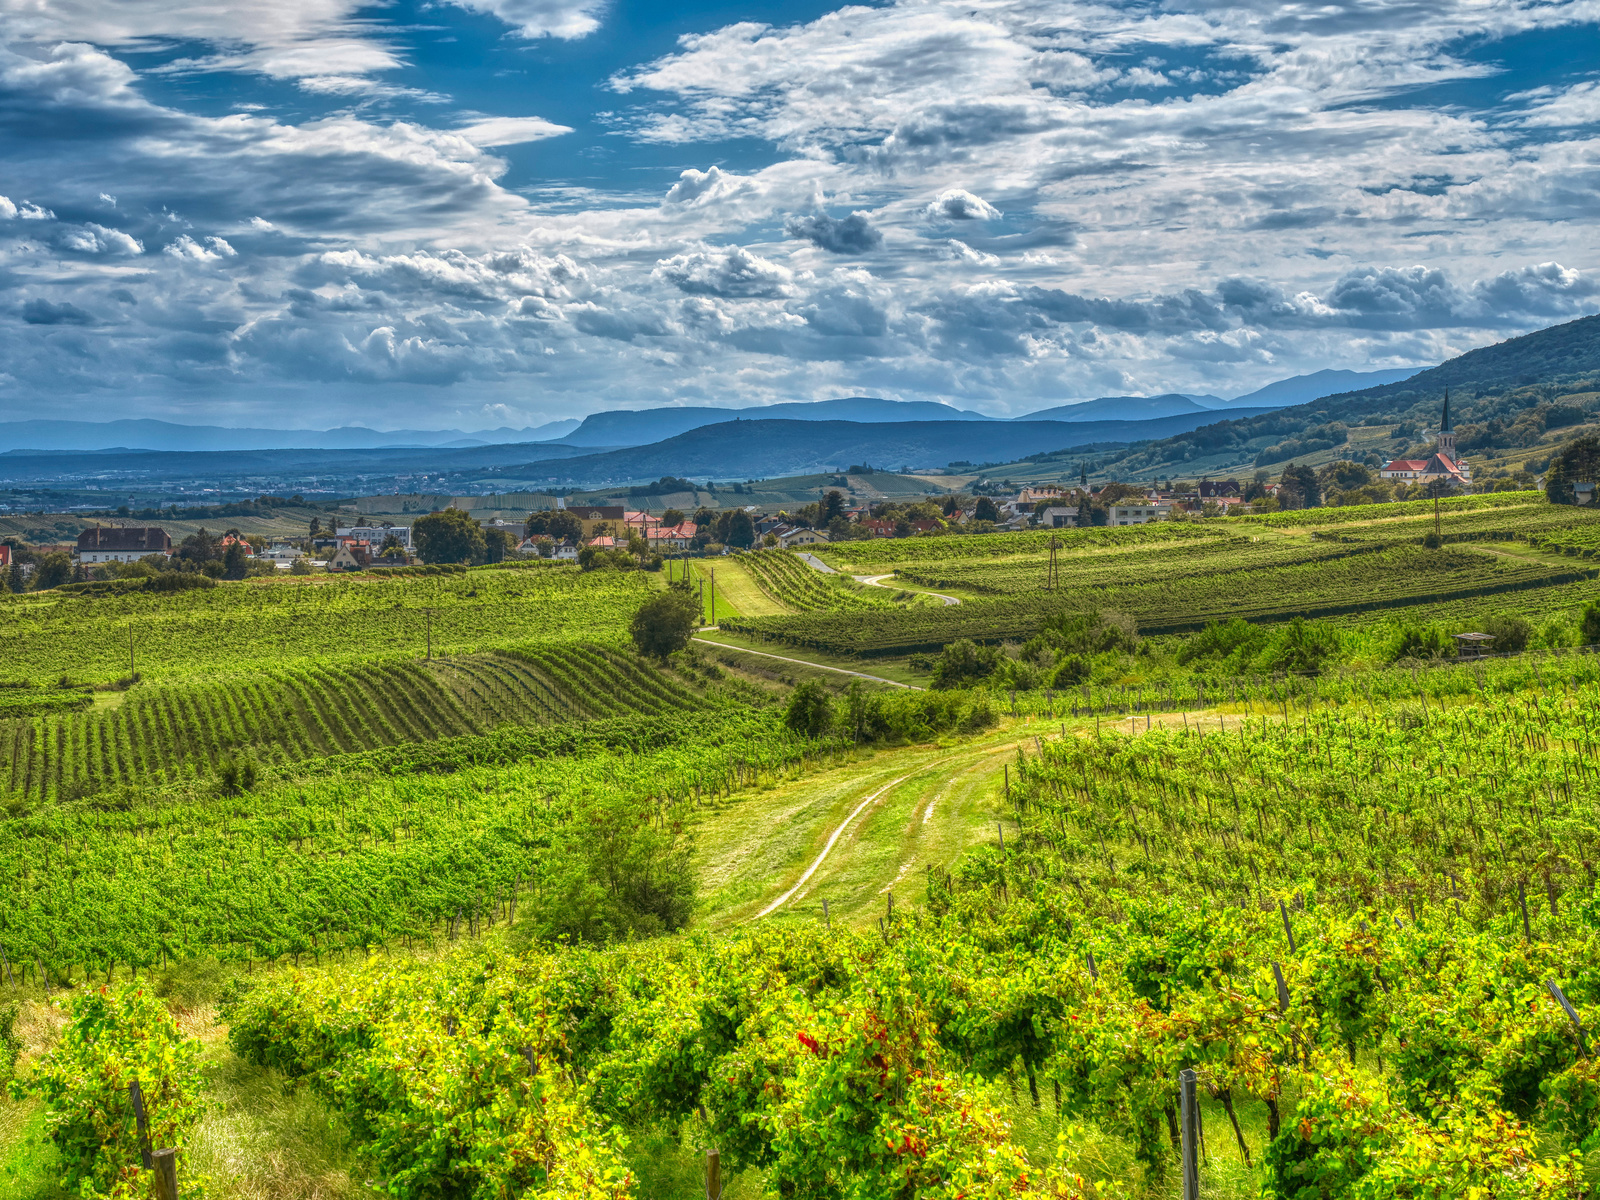 австрия, горы, виноградник, gumpoldskirchen, облака, альпы, hdr, природа